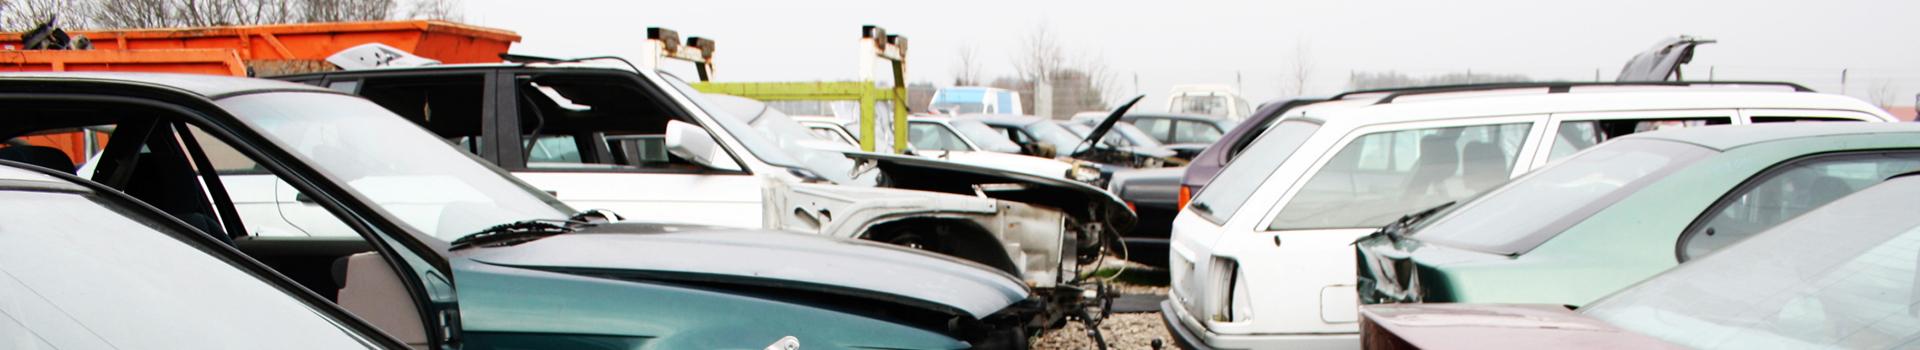 biler på bilopphuggeri